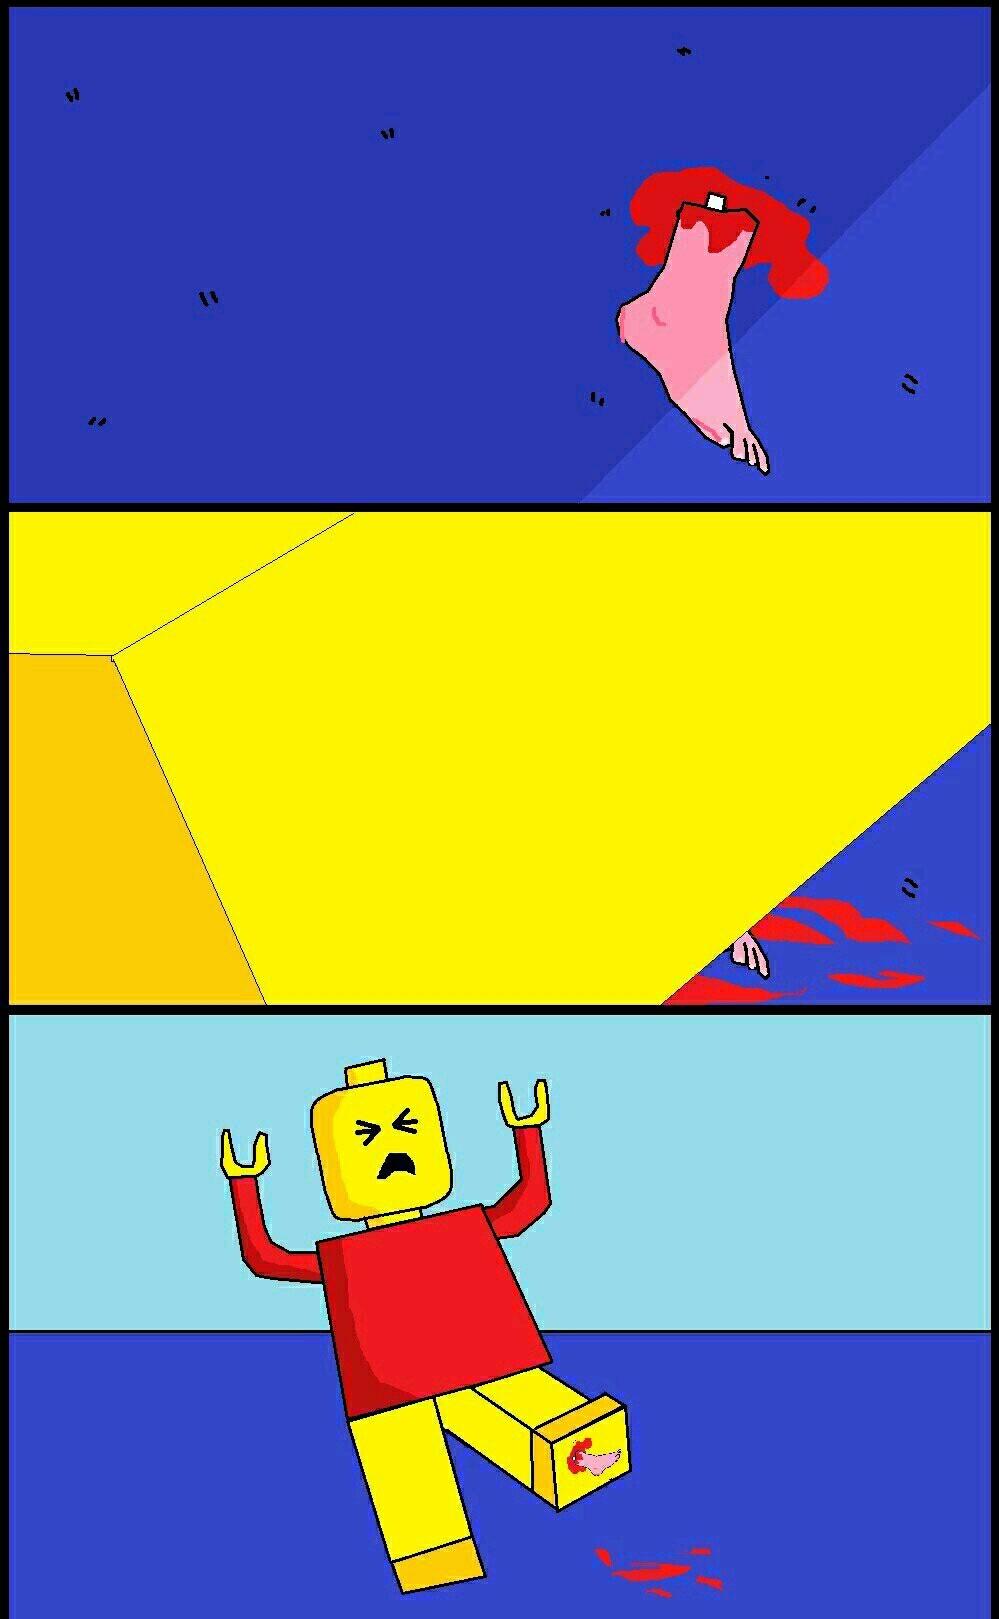 En un universo paralelo - meme